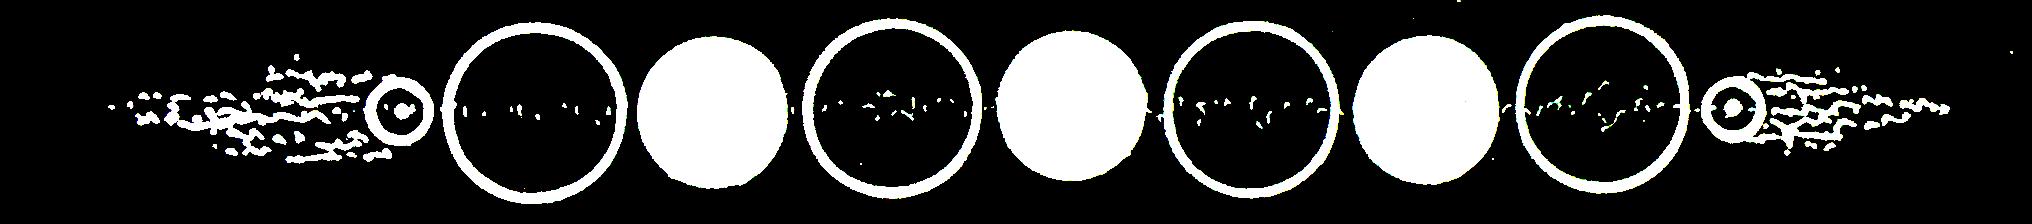 long-glyph